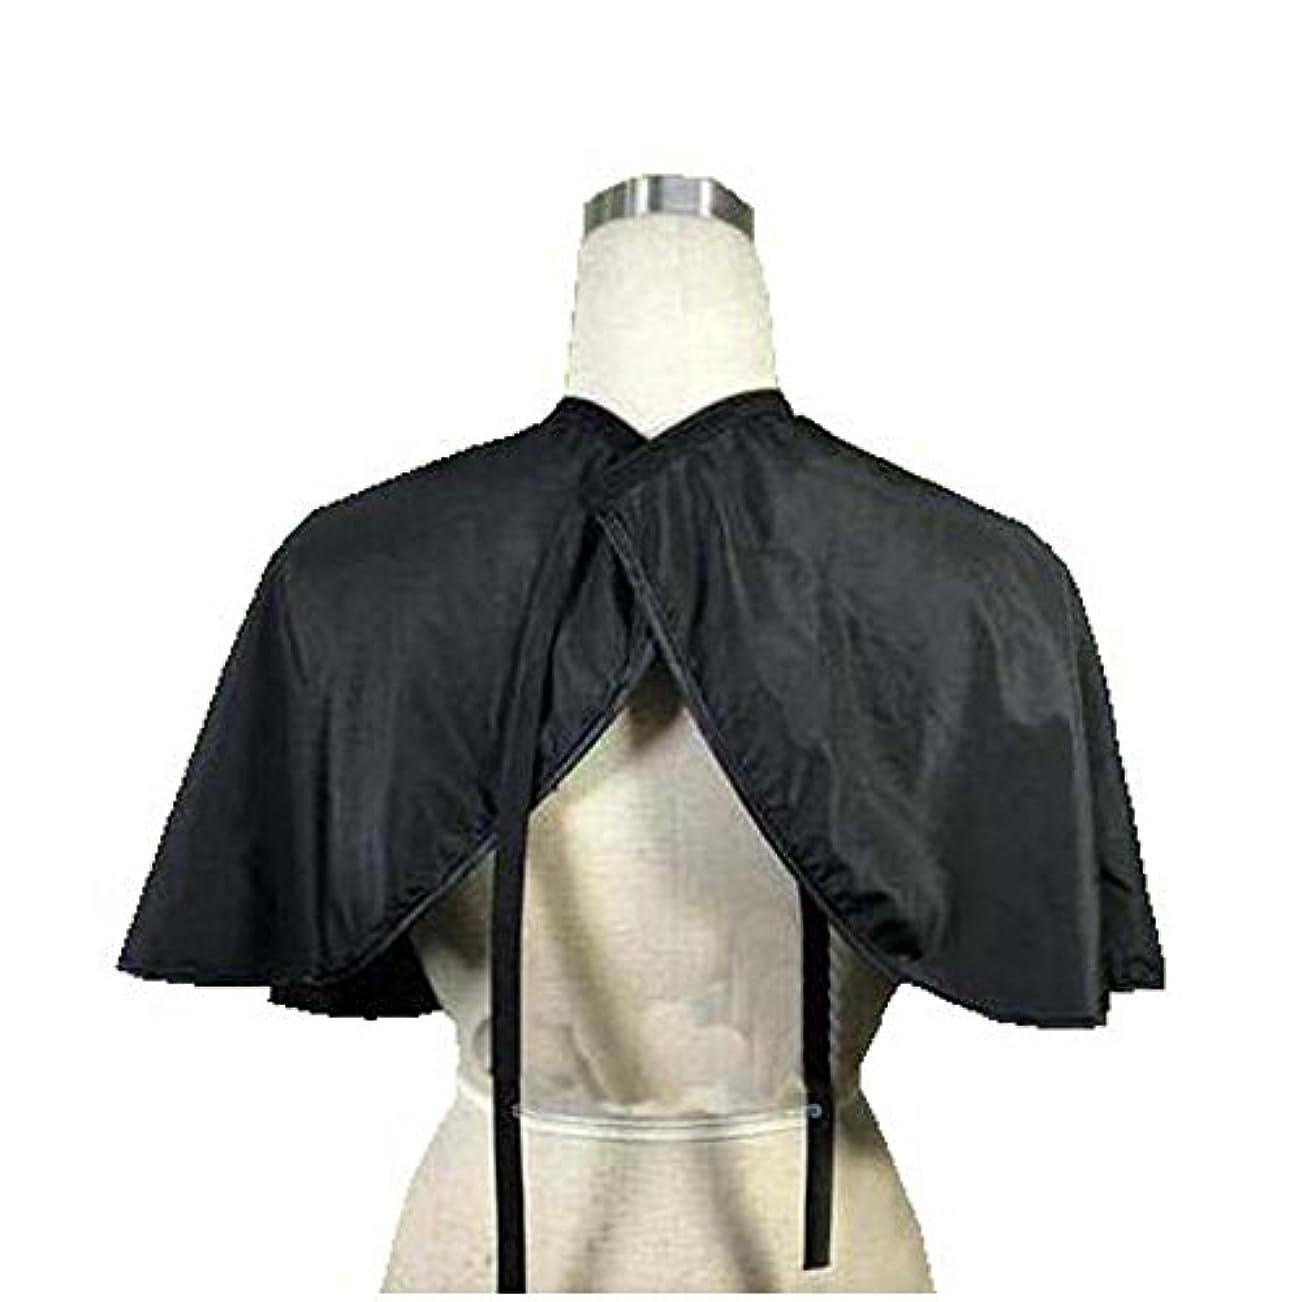 考慮カストディアンさようならビューティーサロンクライアントショートガウン防水着色色素ケープスモックベルト付き、黒